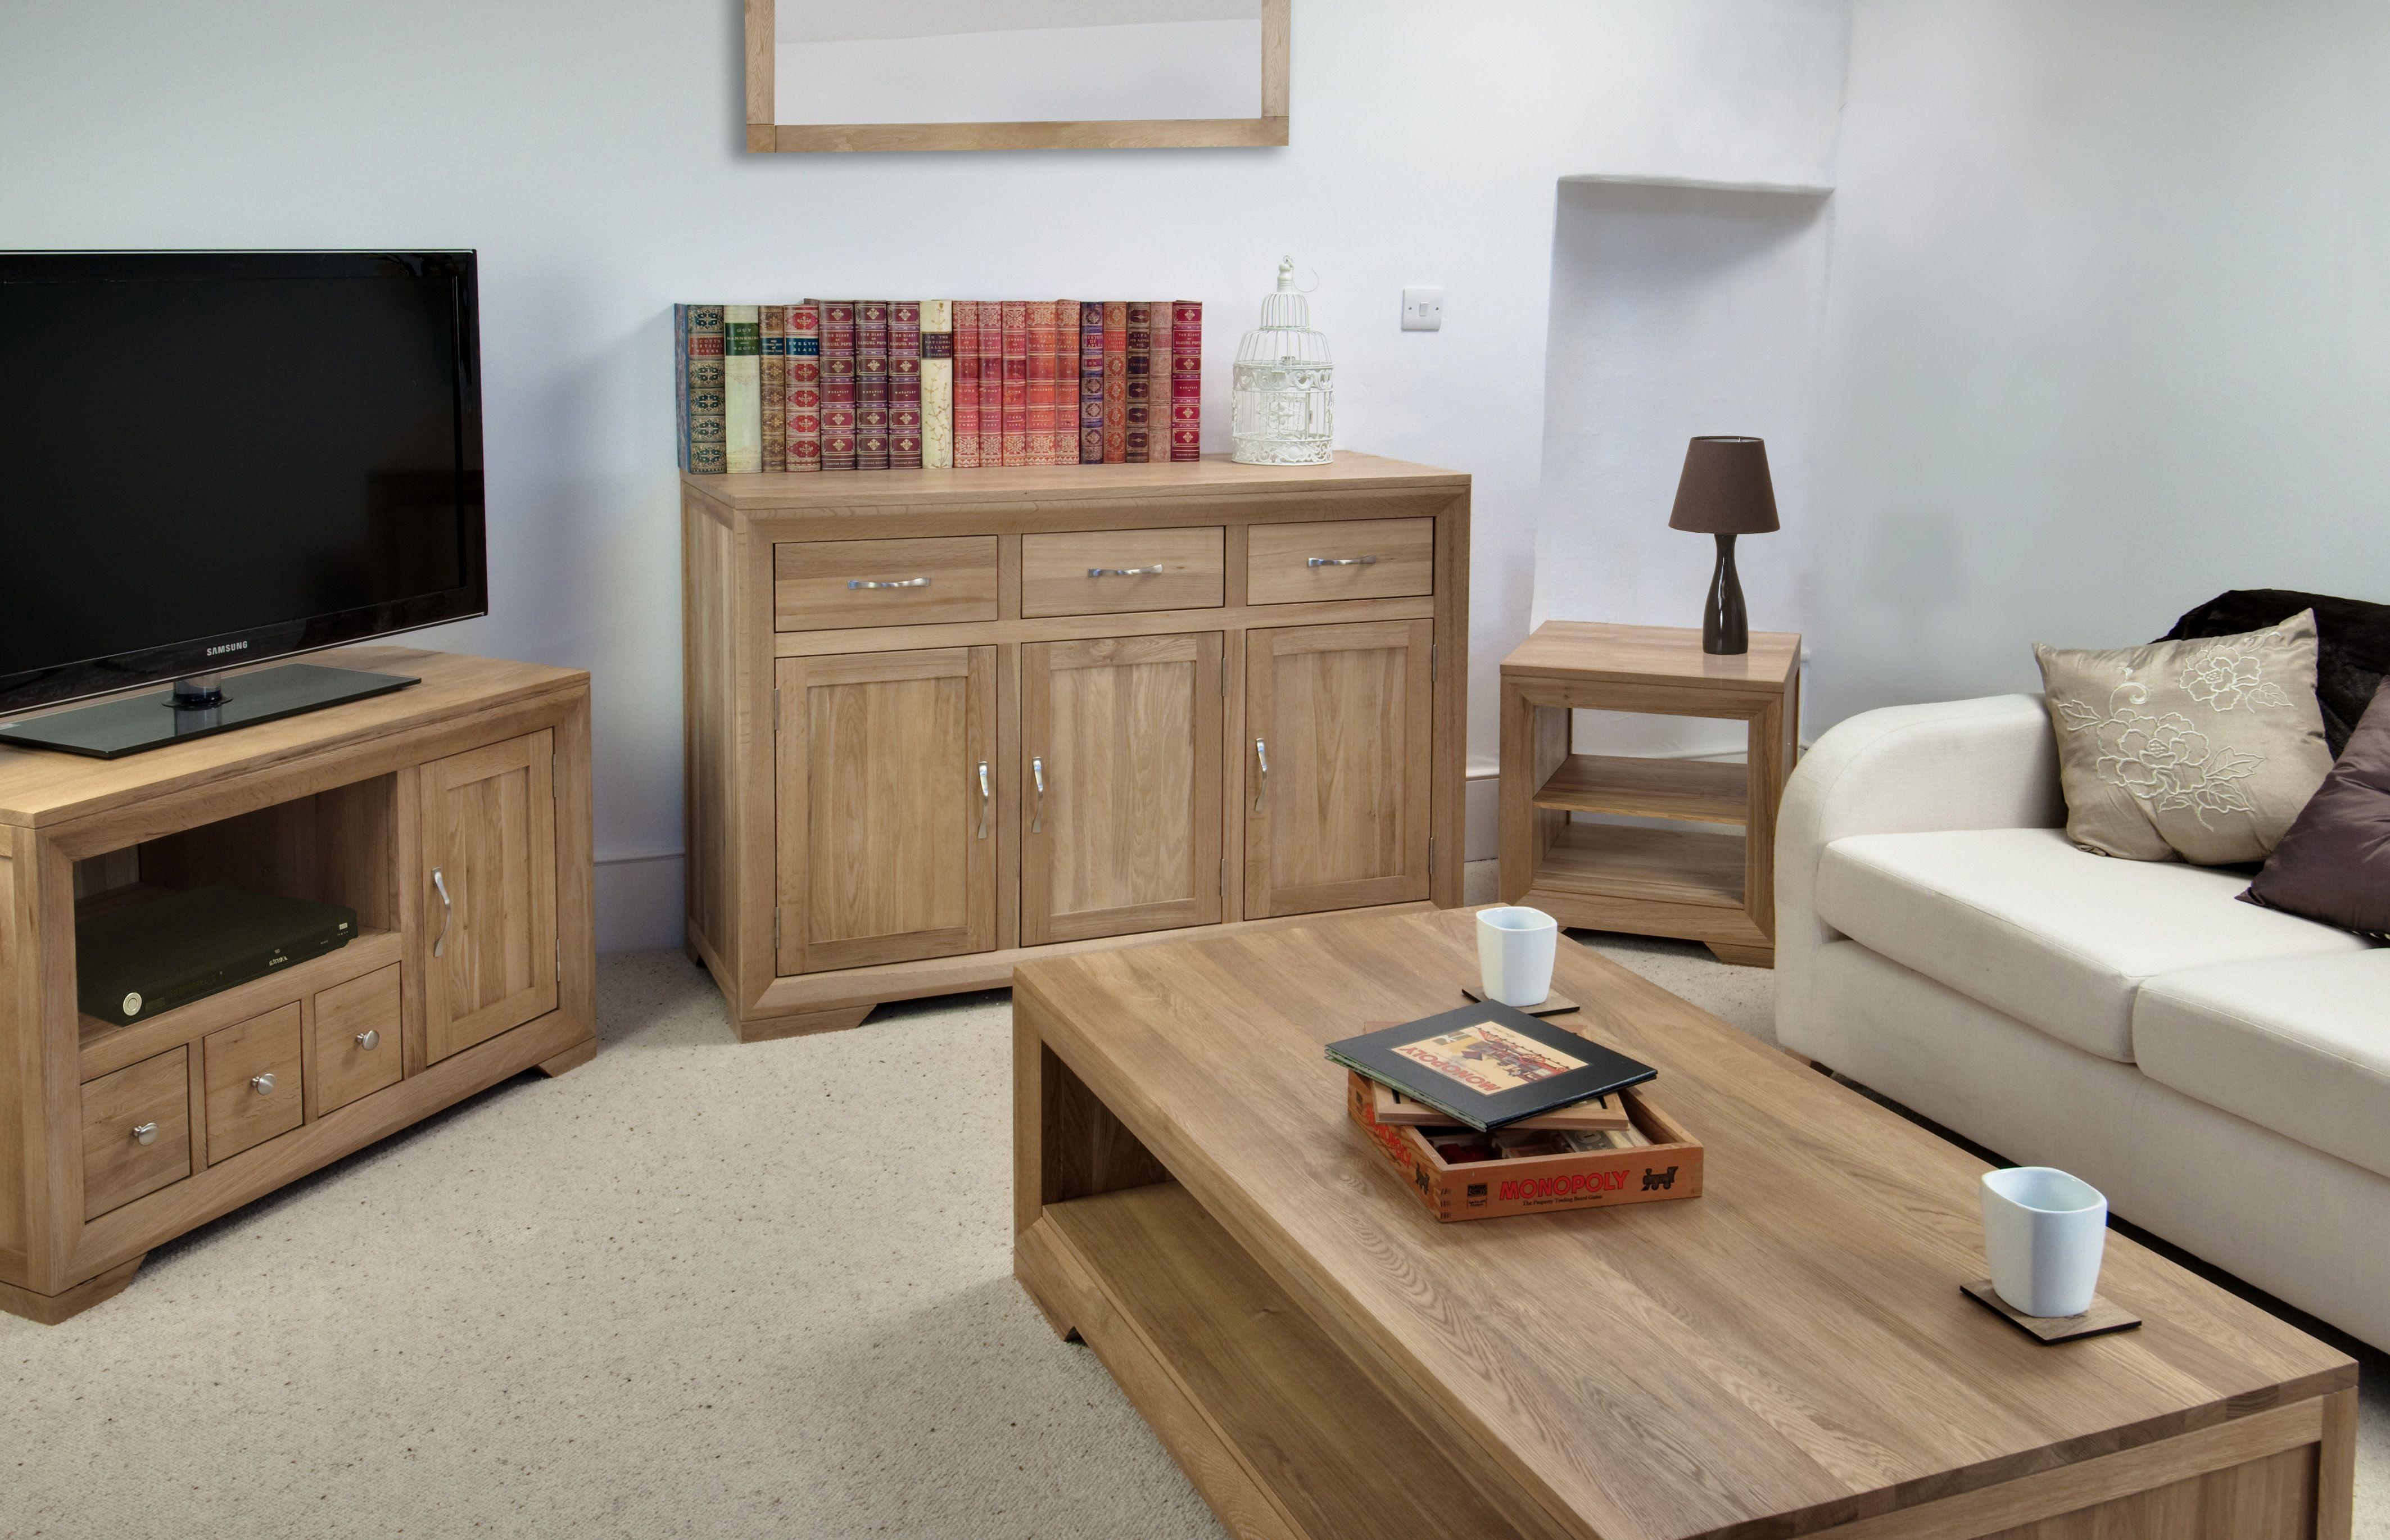 The Bevel Range Natural Solid Oak Furniture Decoracao